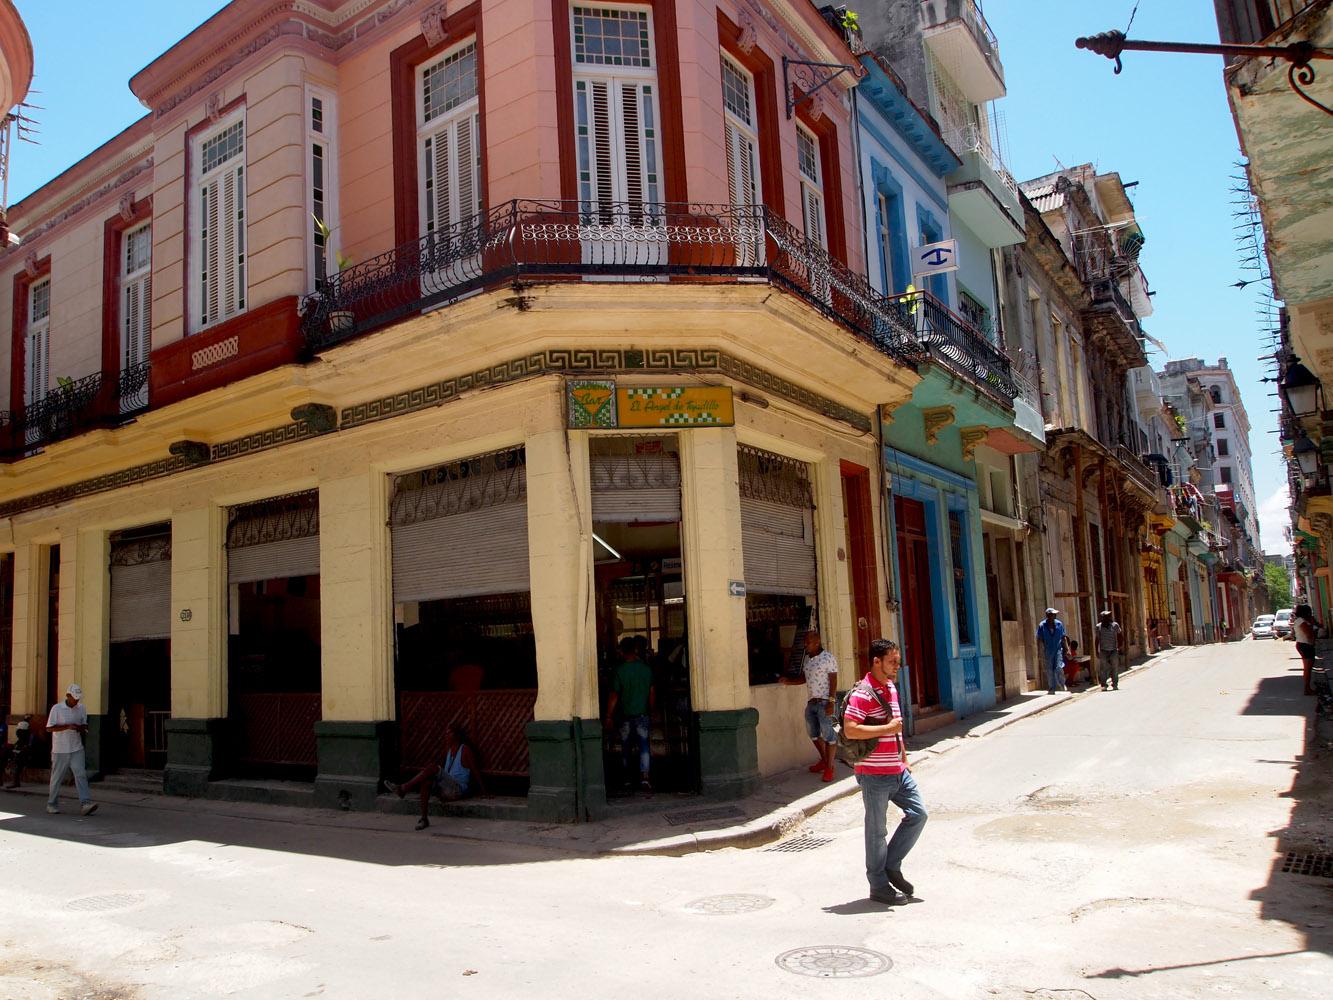 Cuba-Havana-Vieja-Street-People